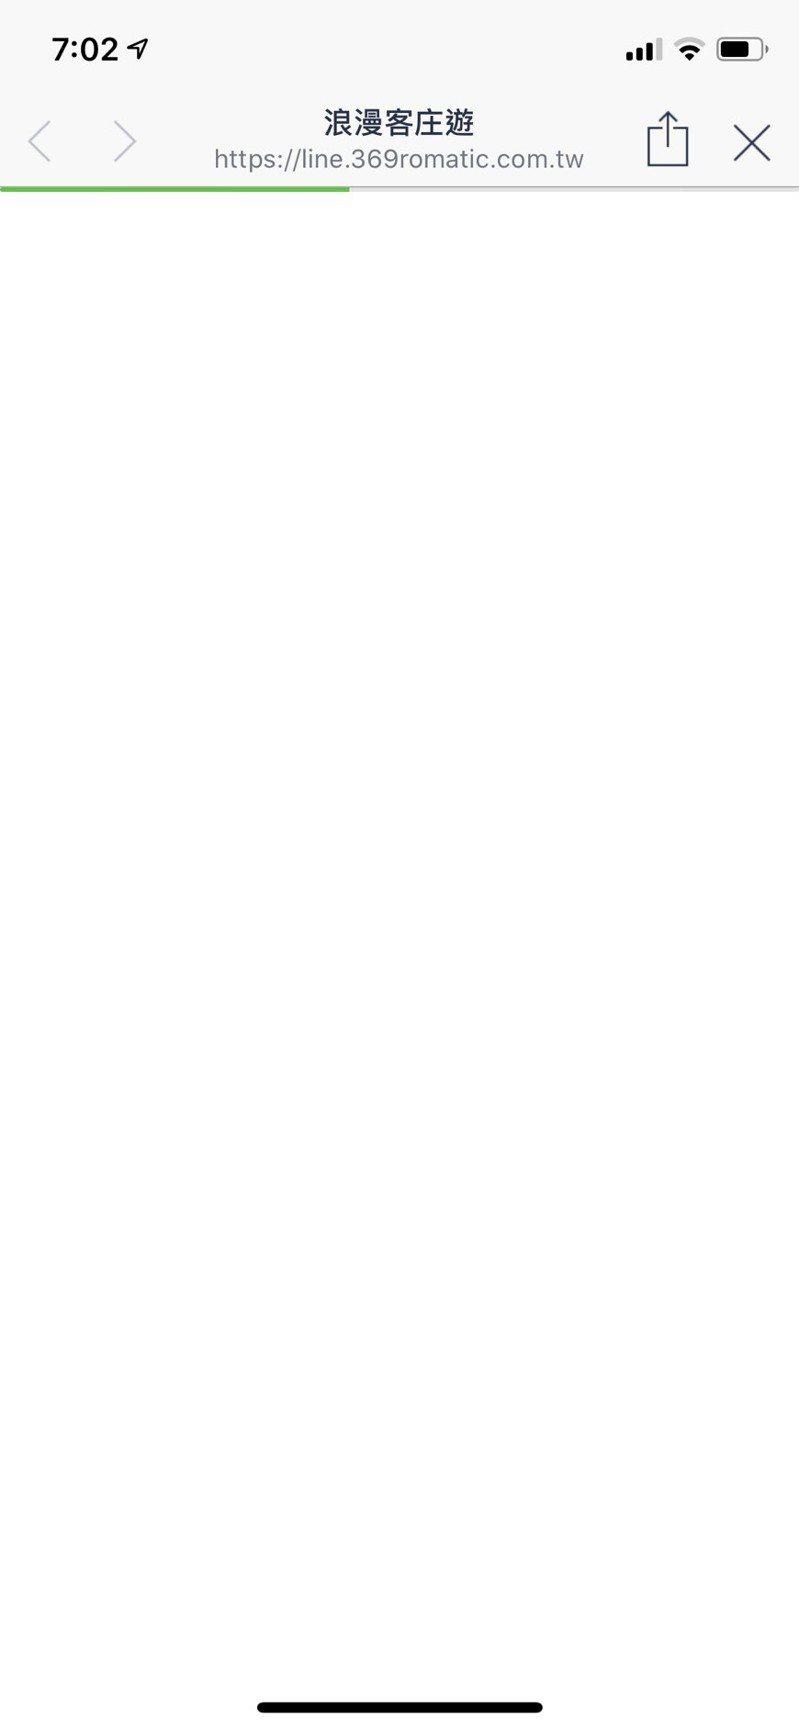 民眾就可透過客委會LINE官方群組查詢「浪漫客庄旅遊券」抽籤結果,但7點一到,因湧入過多流量,官網連線緩慢。記者葉冠妤/翻攝